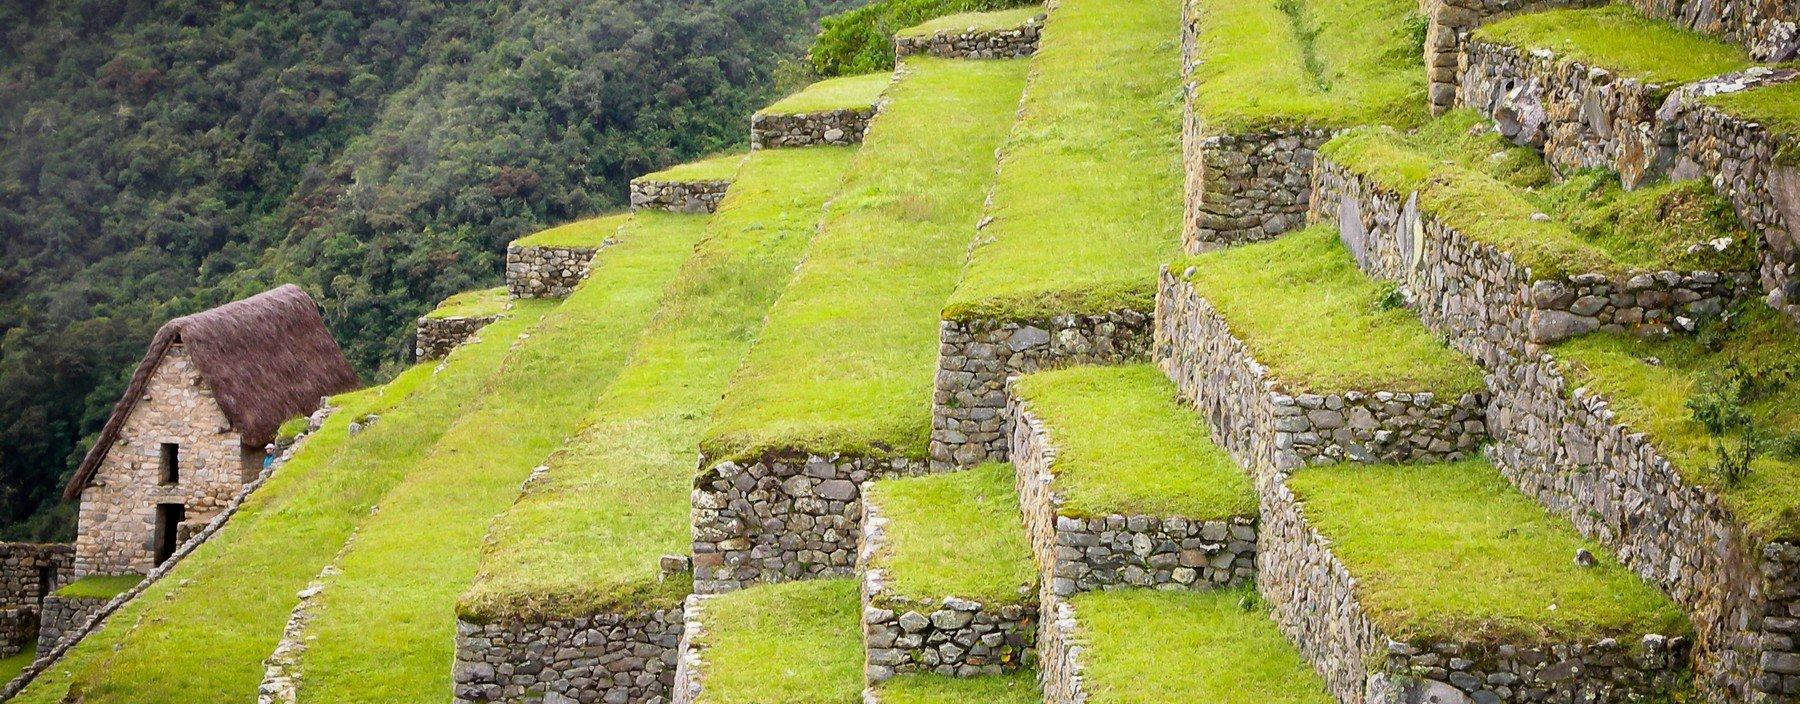 pe, machu picchu, inca trail (2).jpg